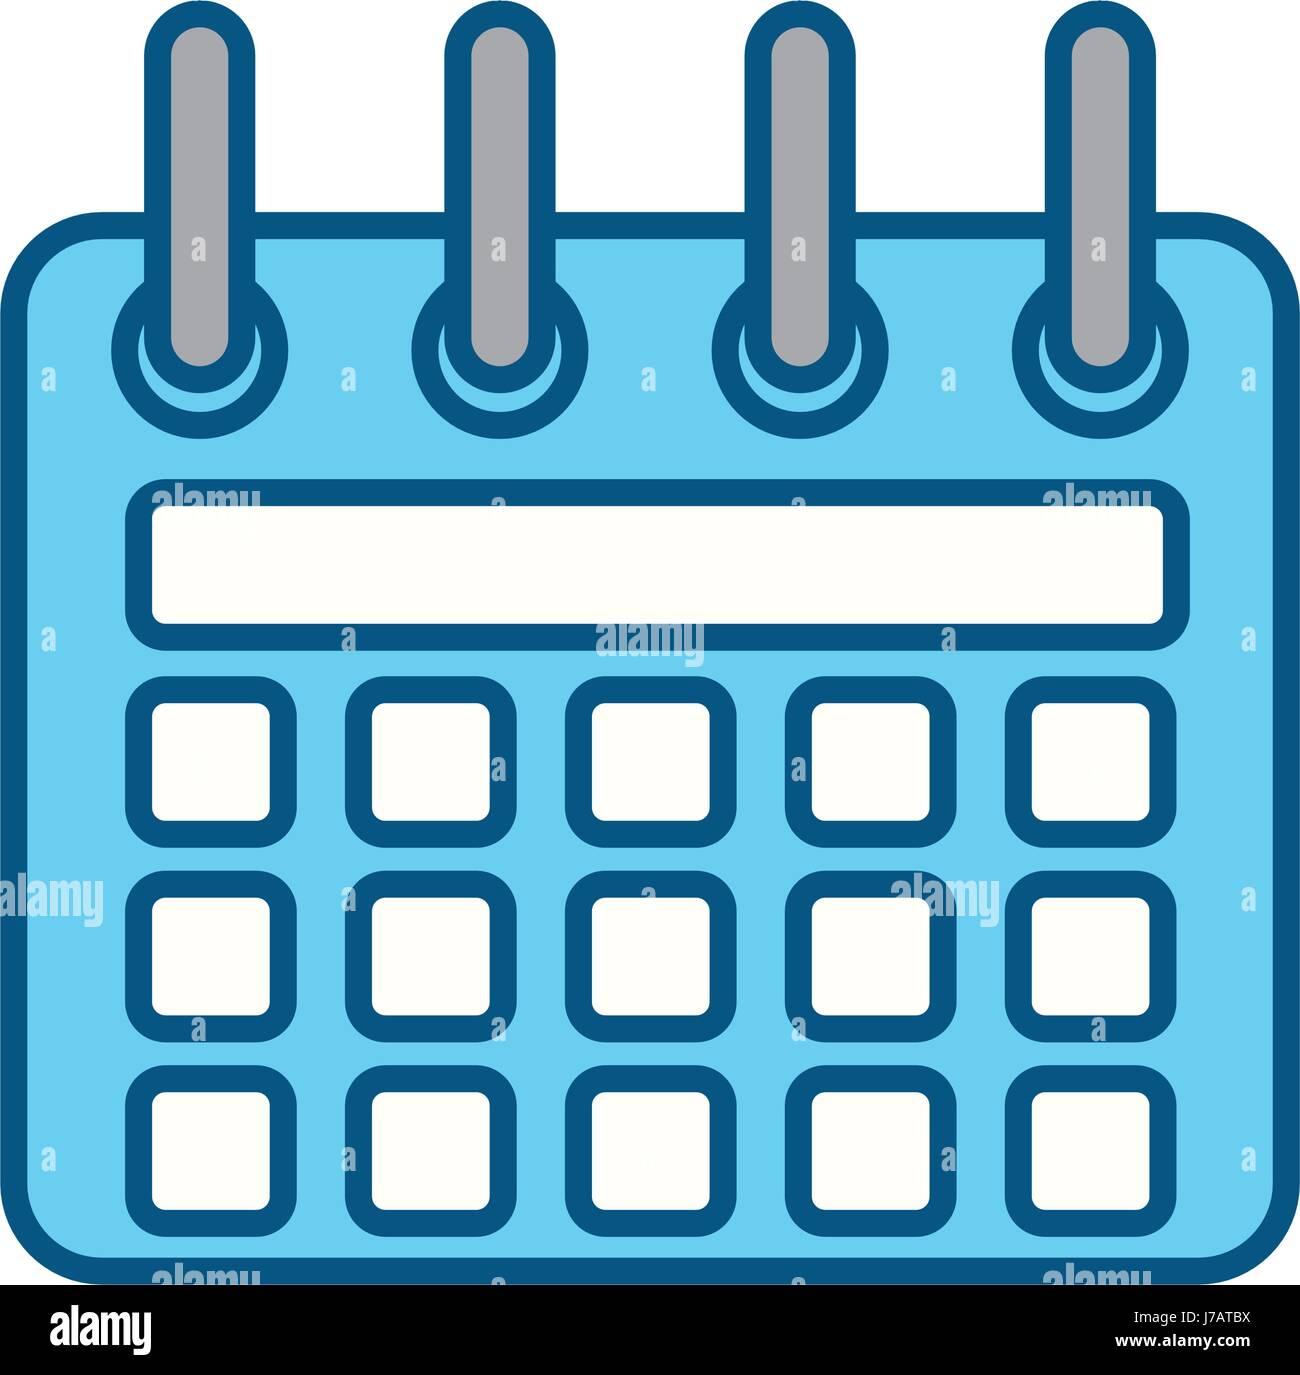 Simbolo De Calendario.Silhouette Calendario Icona Simbolo Di Design Illustrazione